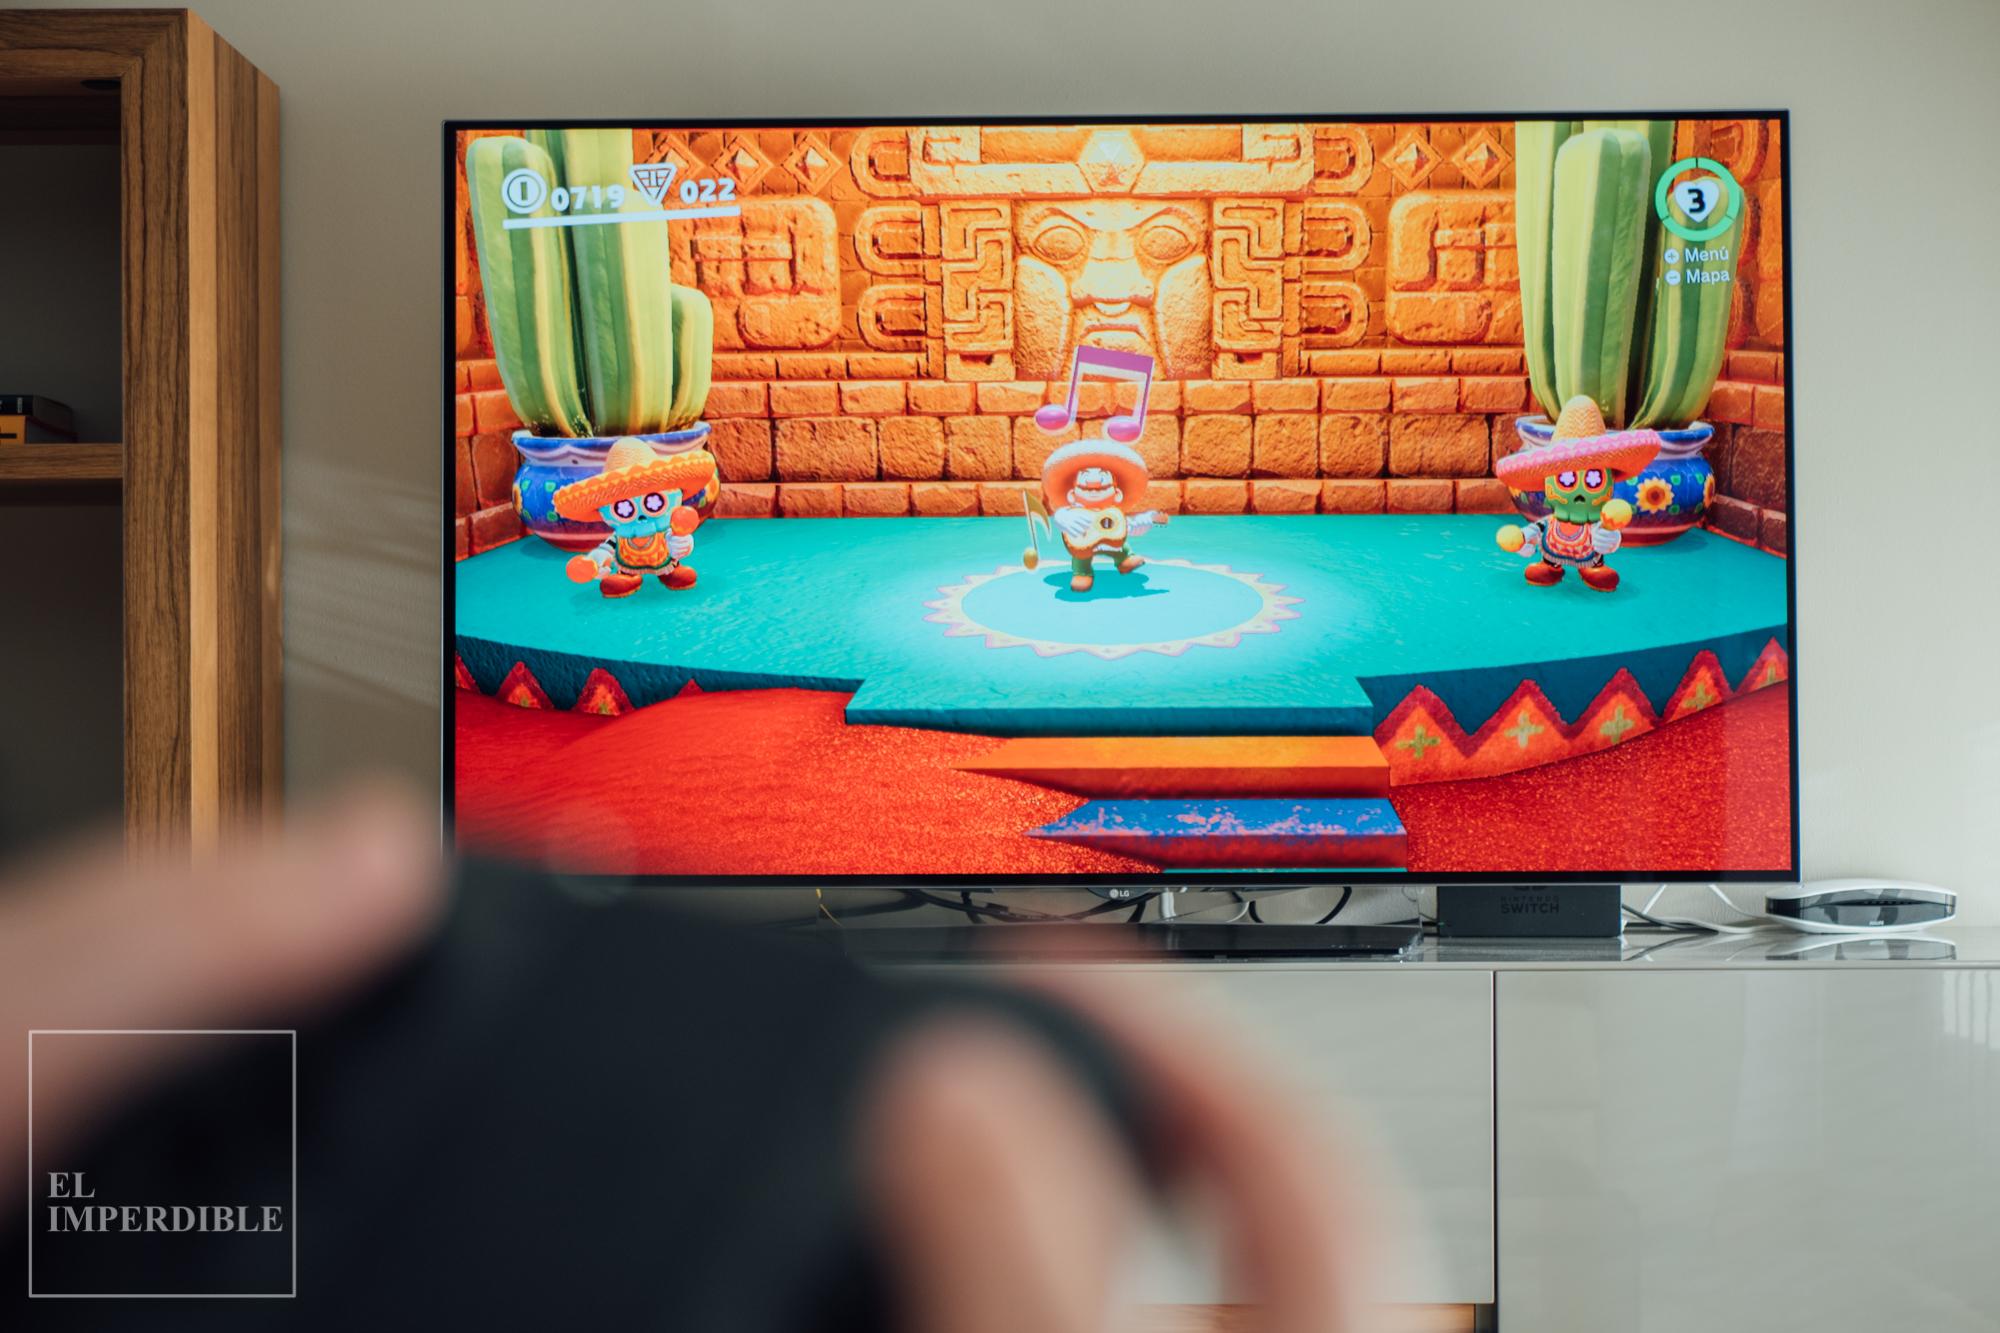 Super Mario Odyssey Los mejores juegos para nintendo Switch